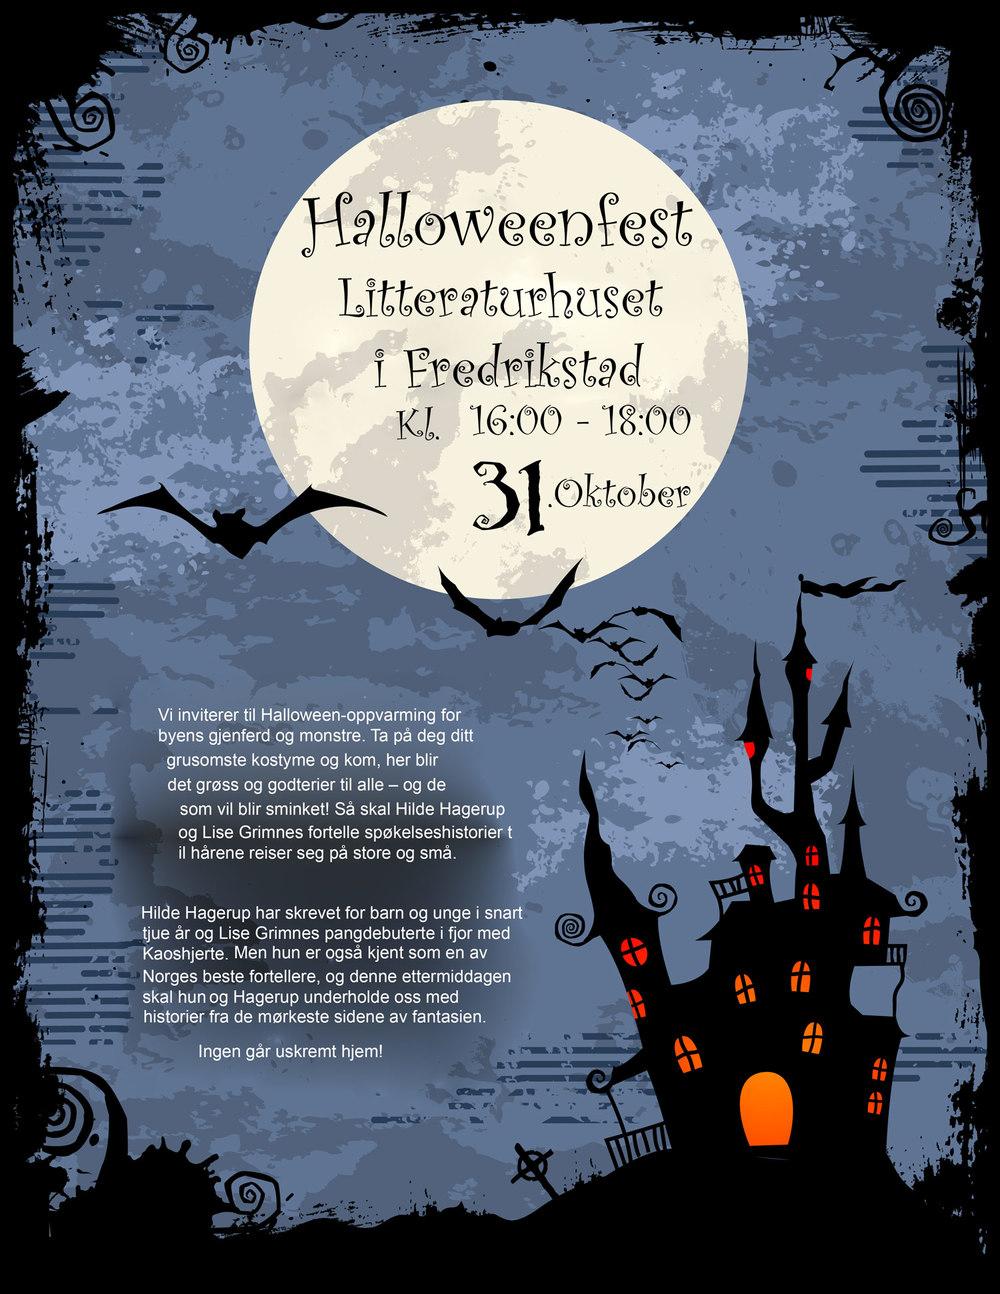 Halloween og Halloweenfest i Litteraturhuset i Fredrikstad